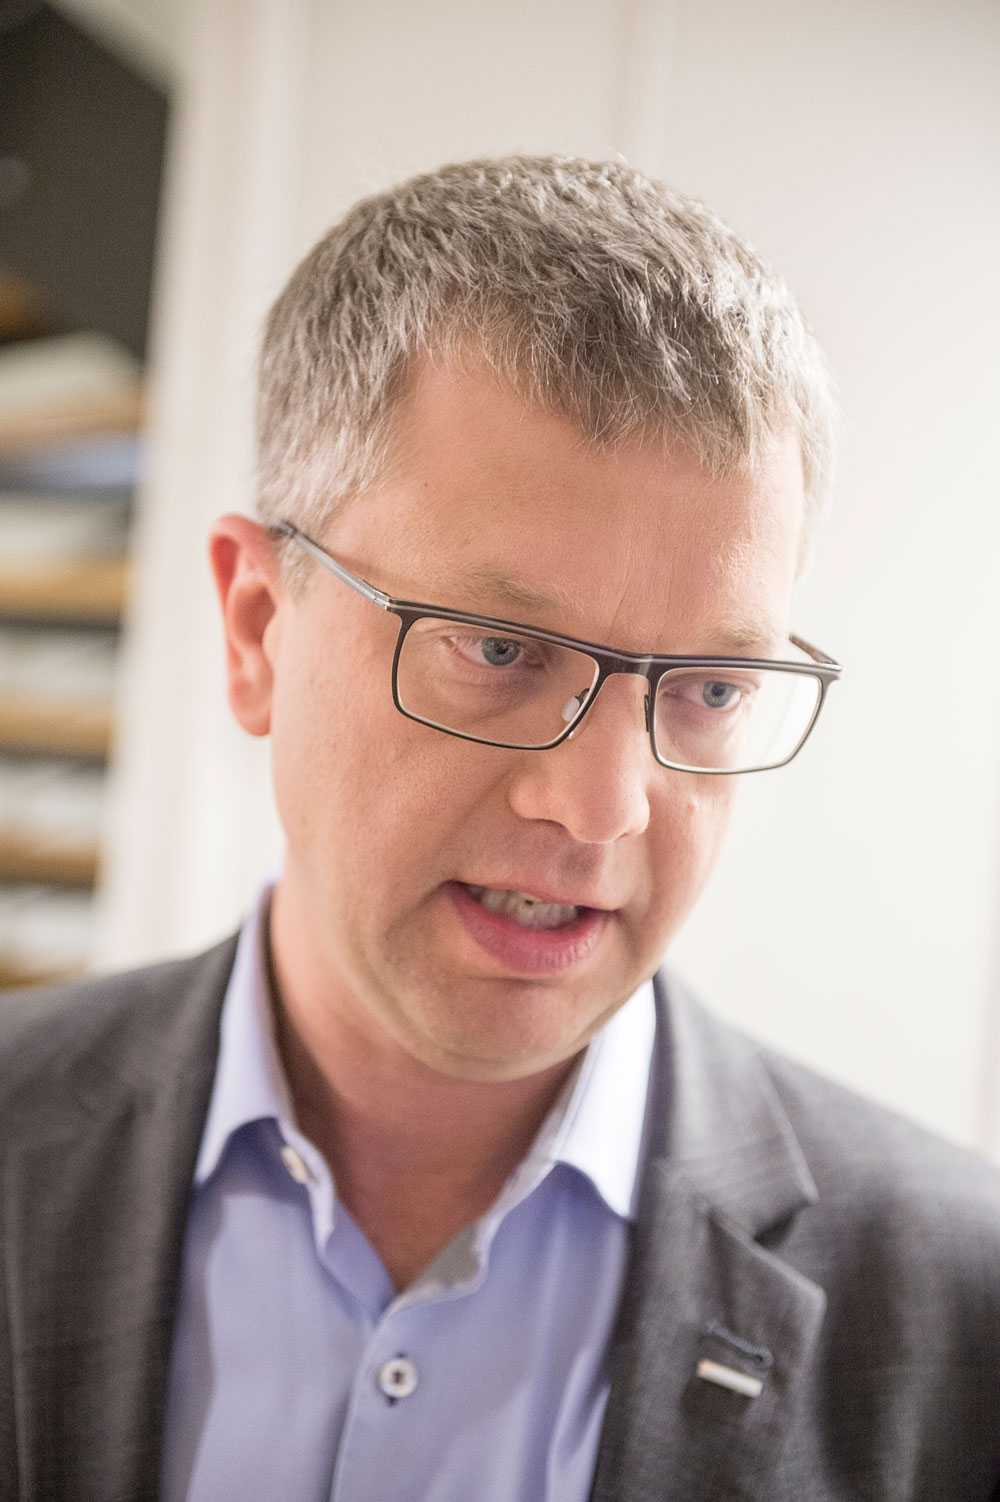 Moderaternas partisekreterare Kent Persson menar att den nya valsajten handlar om ren kunskapsupplysning.